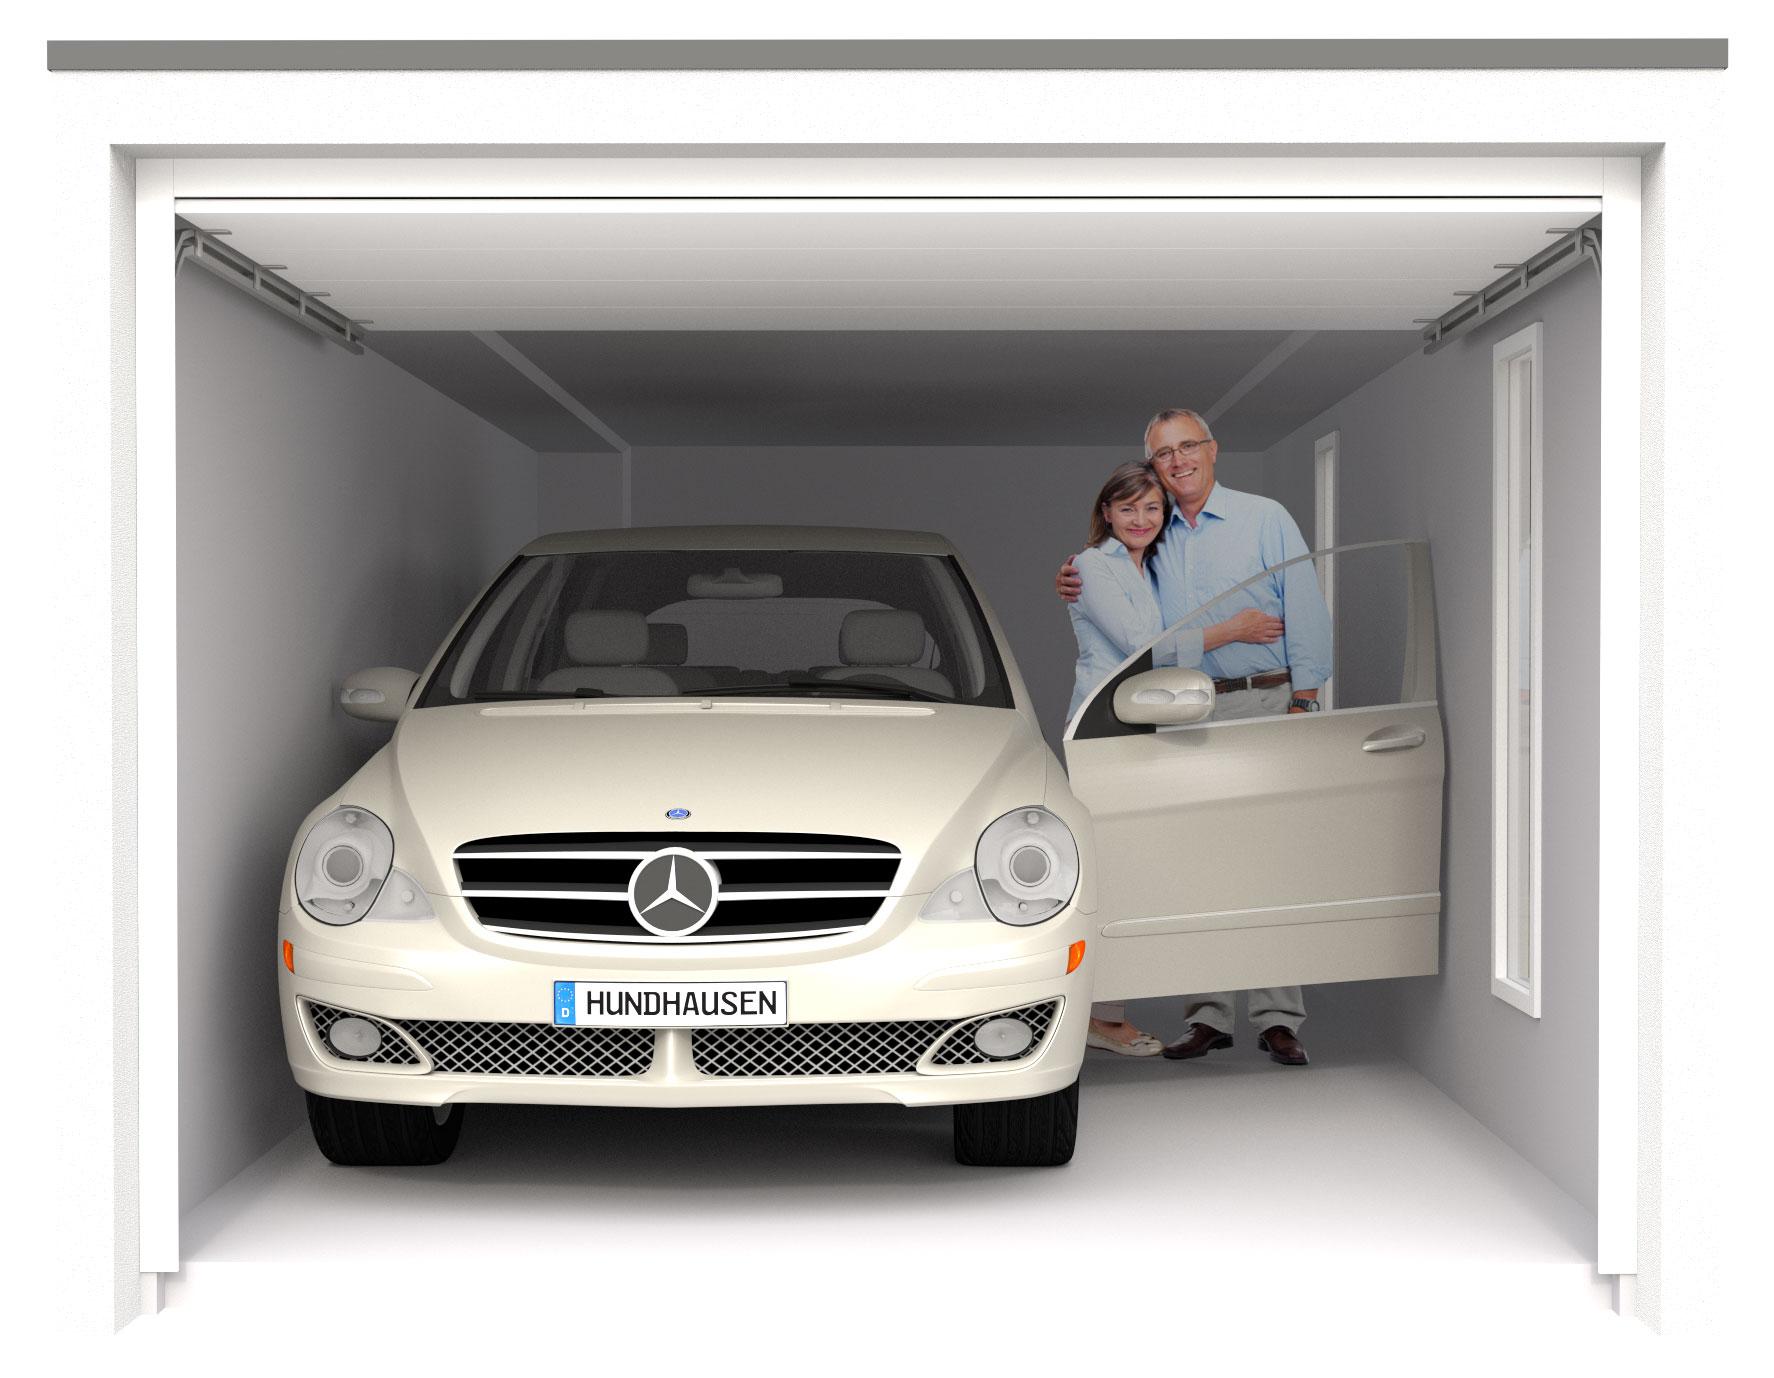 garage mit auto von vorne mit paar beim auto Referenzen als 3-D visualisiert